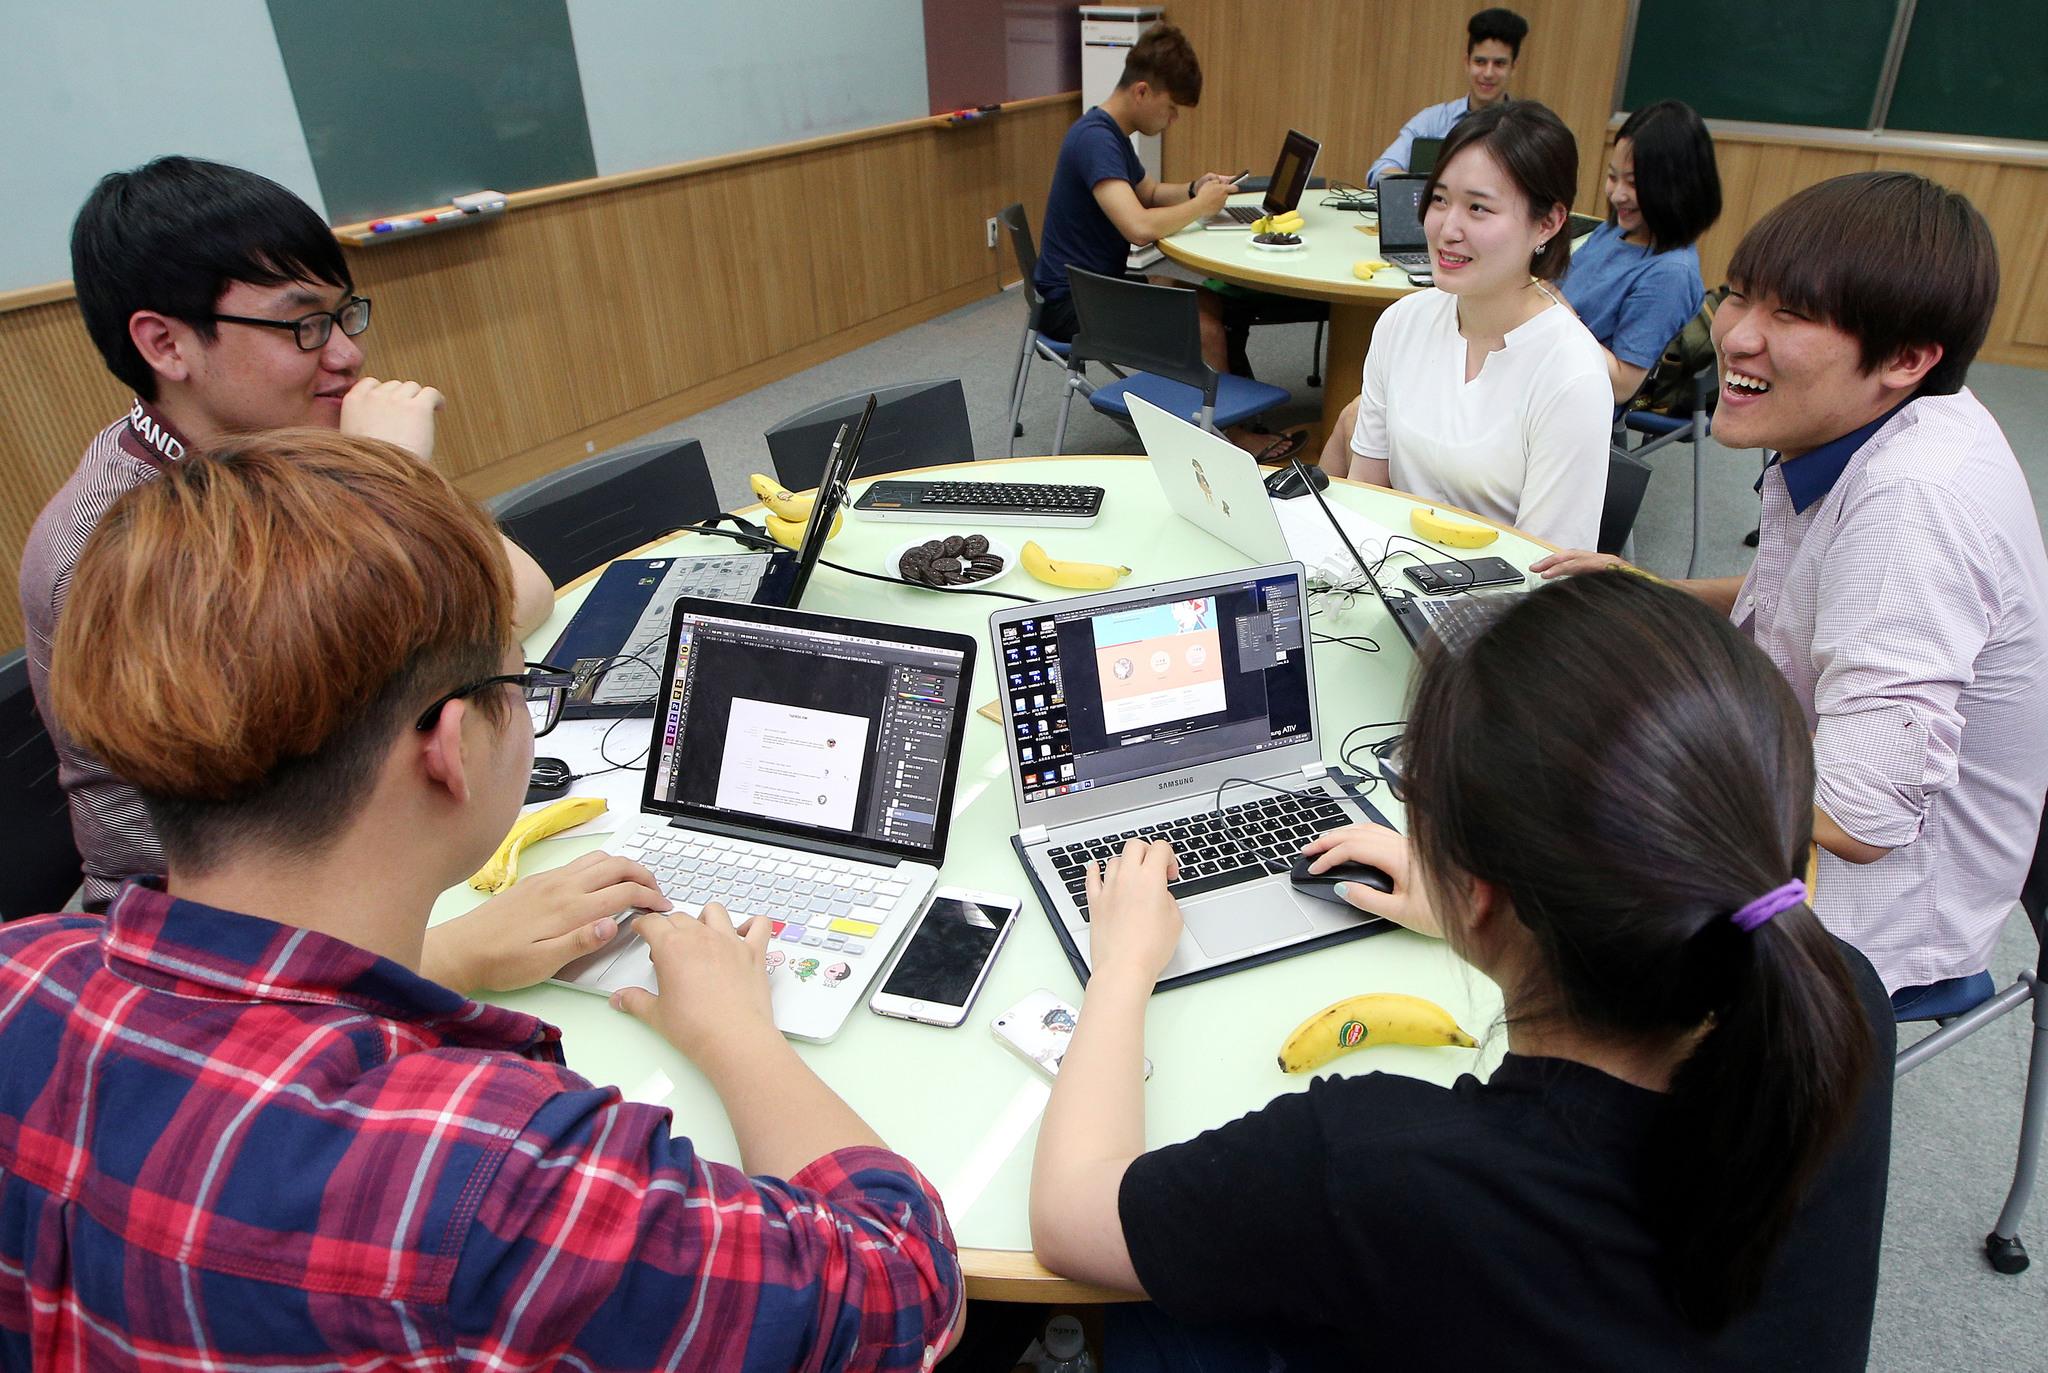 에듀케이션3.0 강의실에서 토론식 수업을 하는 KAIST 학생들. [중앙포토]